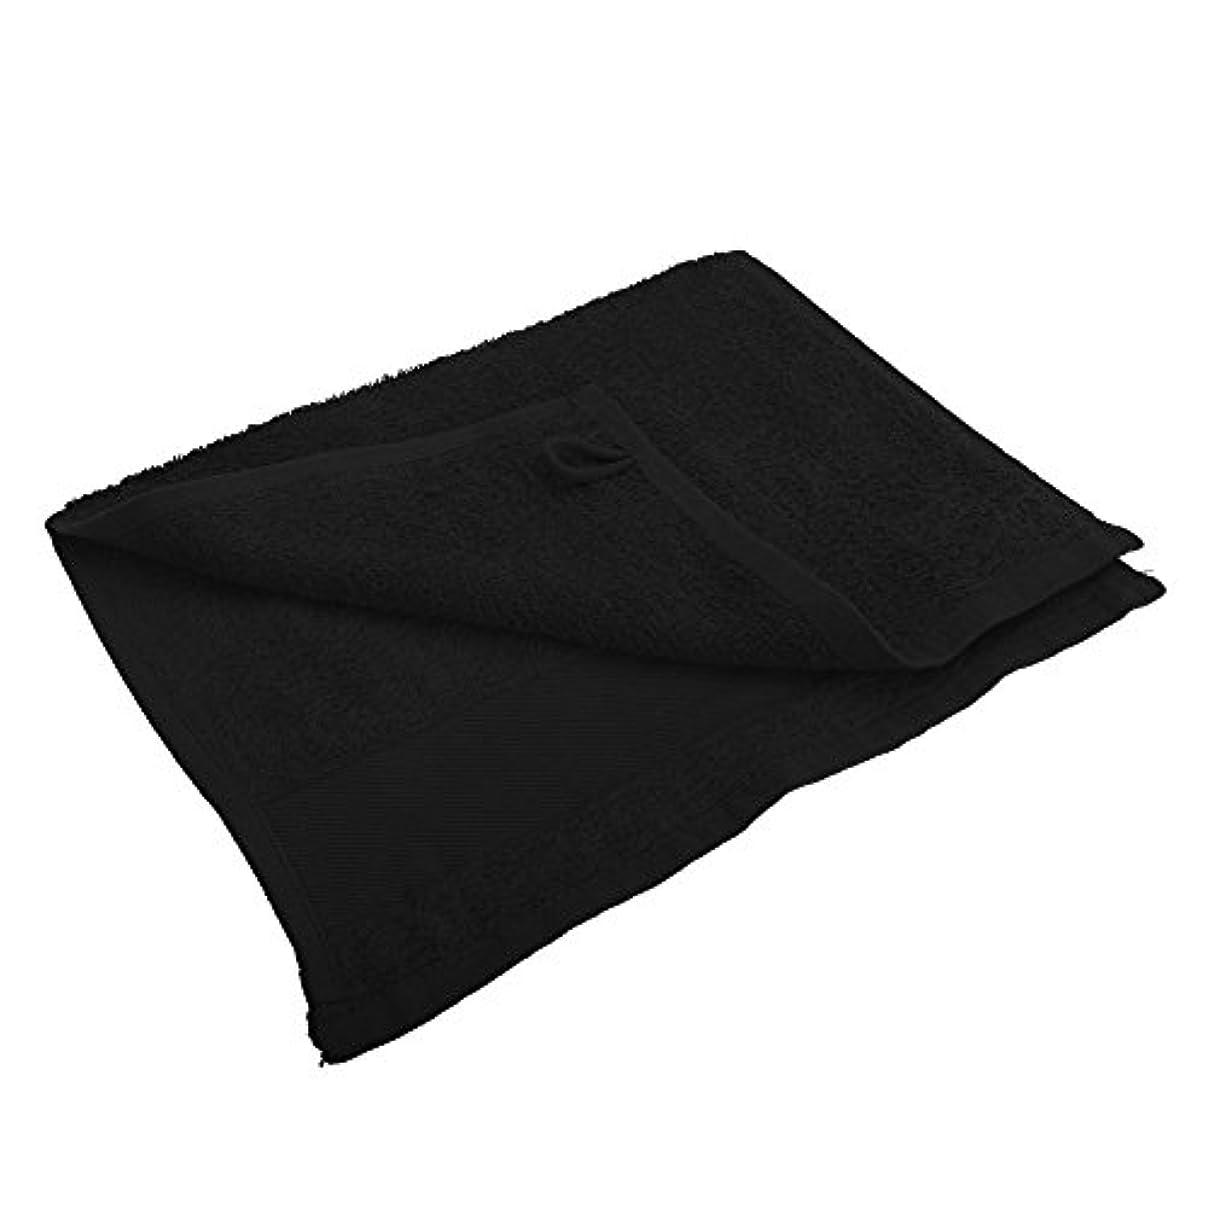 服を着る一生生息地(ソールズ) SOLS アイランド 30 コットン 綿100% ゲストタオル (30 x 50cm) (ワンサイズ) (ブラック)